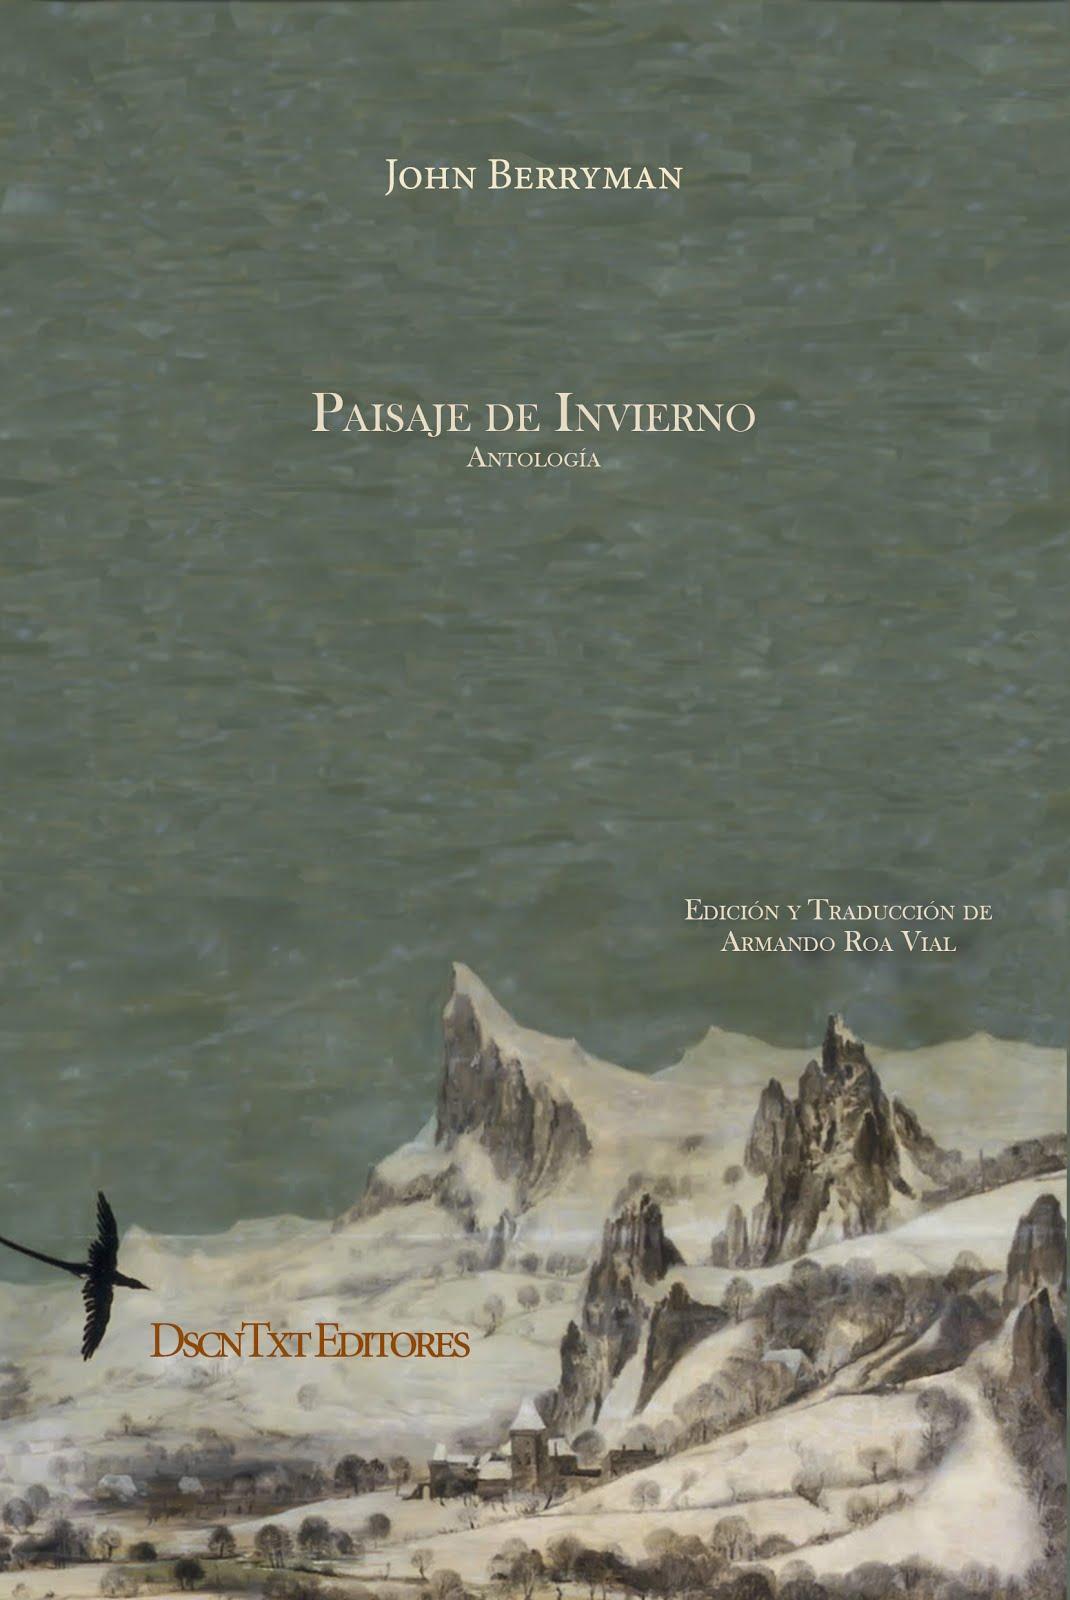 Paisaje de invierno, de John Berryman. Edición de Armando Roa Vial